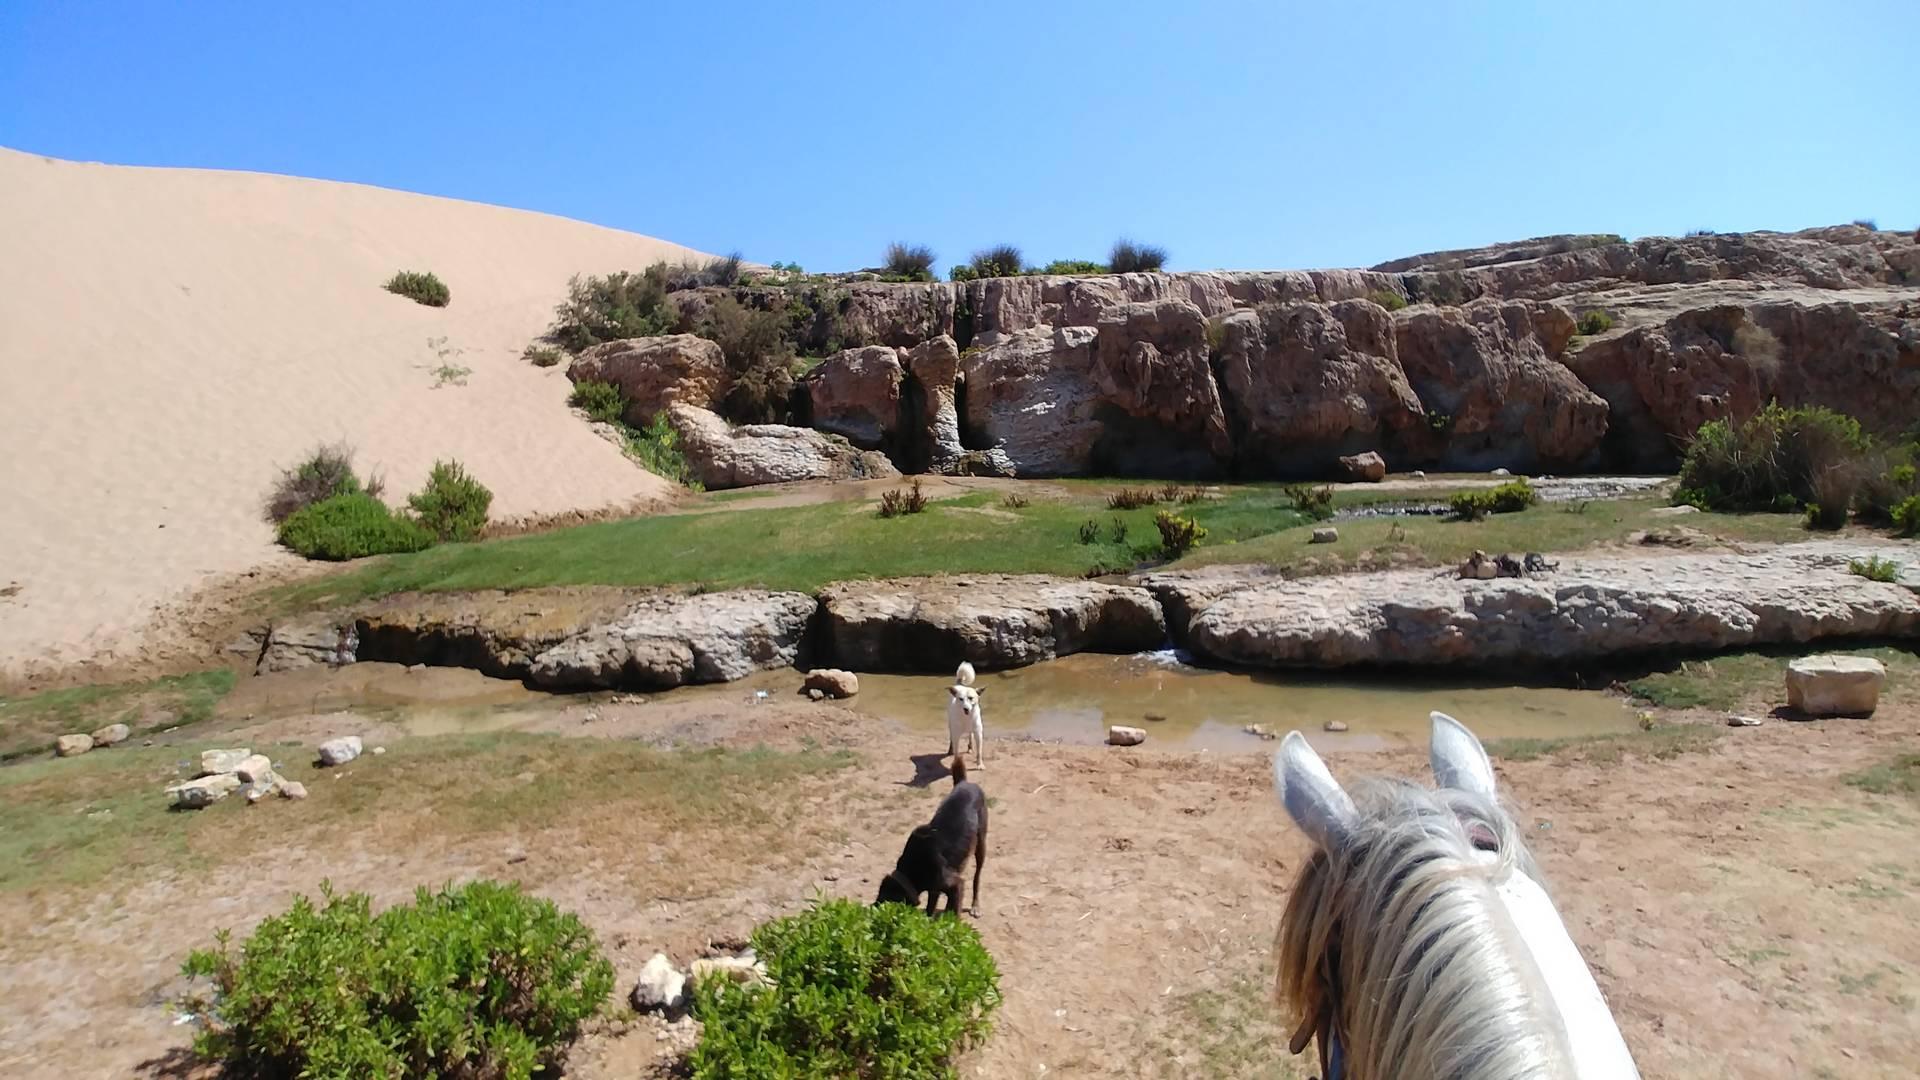 Maroc - Cascades de Sidi Mbarek à Essaouira à cheval